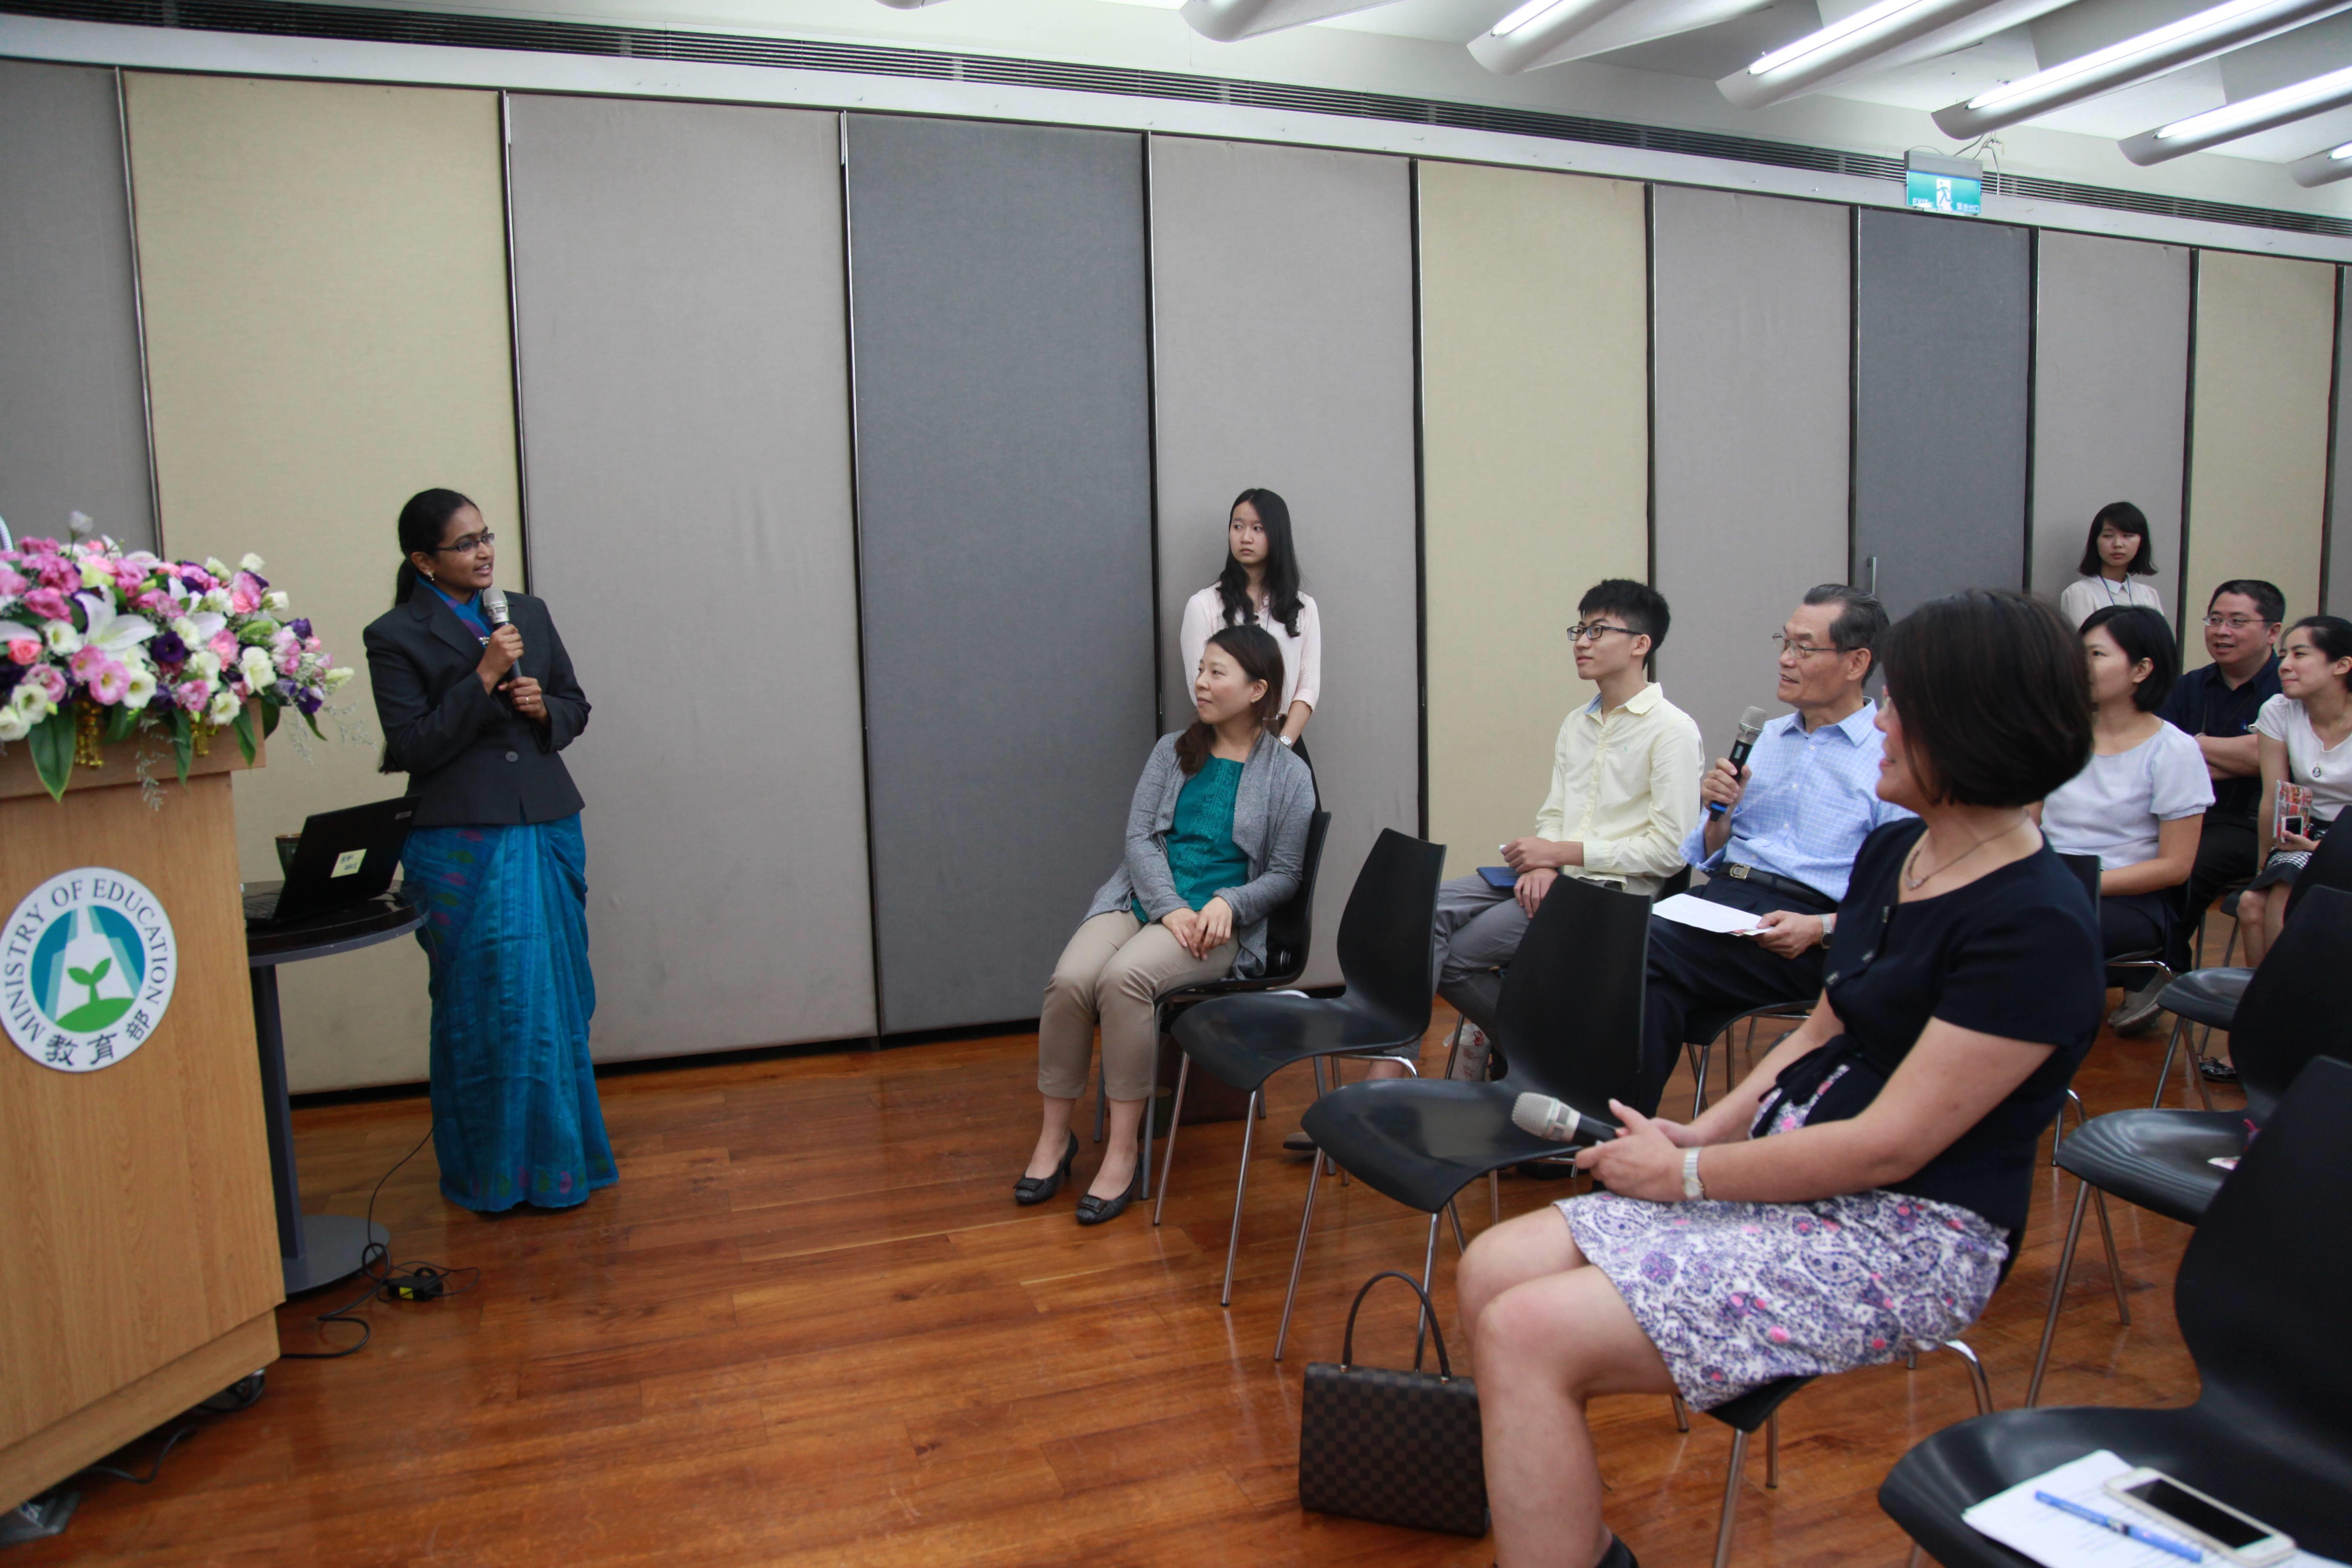 裴曼如(banu prakash)女士親切與聽眾互動_大圖